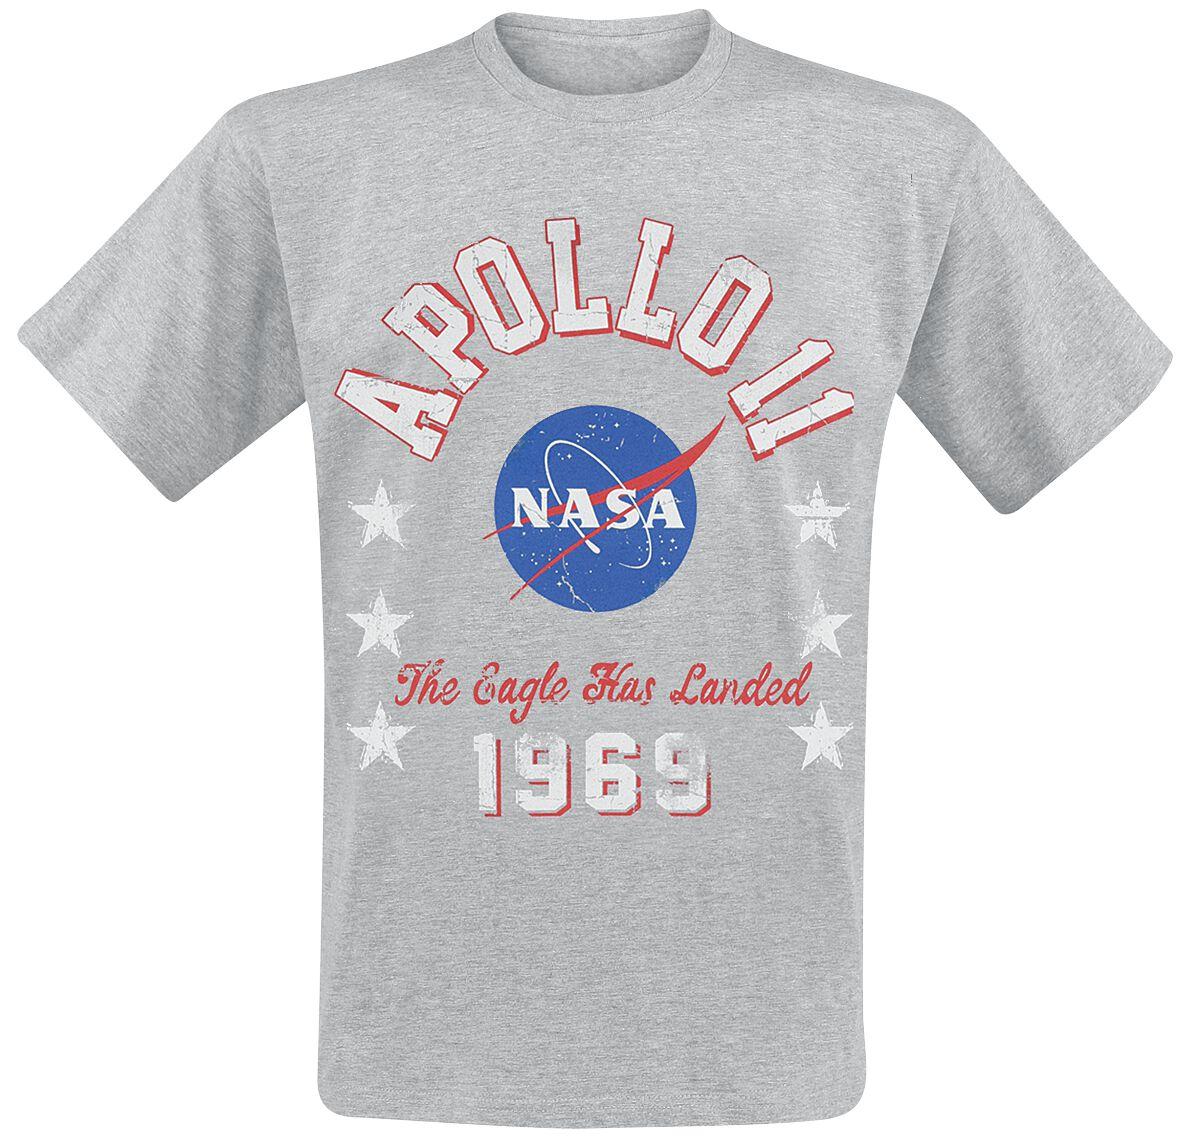 e6b00a3a1 Apollo 11 - The Eagle Has Landed - 1969   NASA T-Shirt   EMP